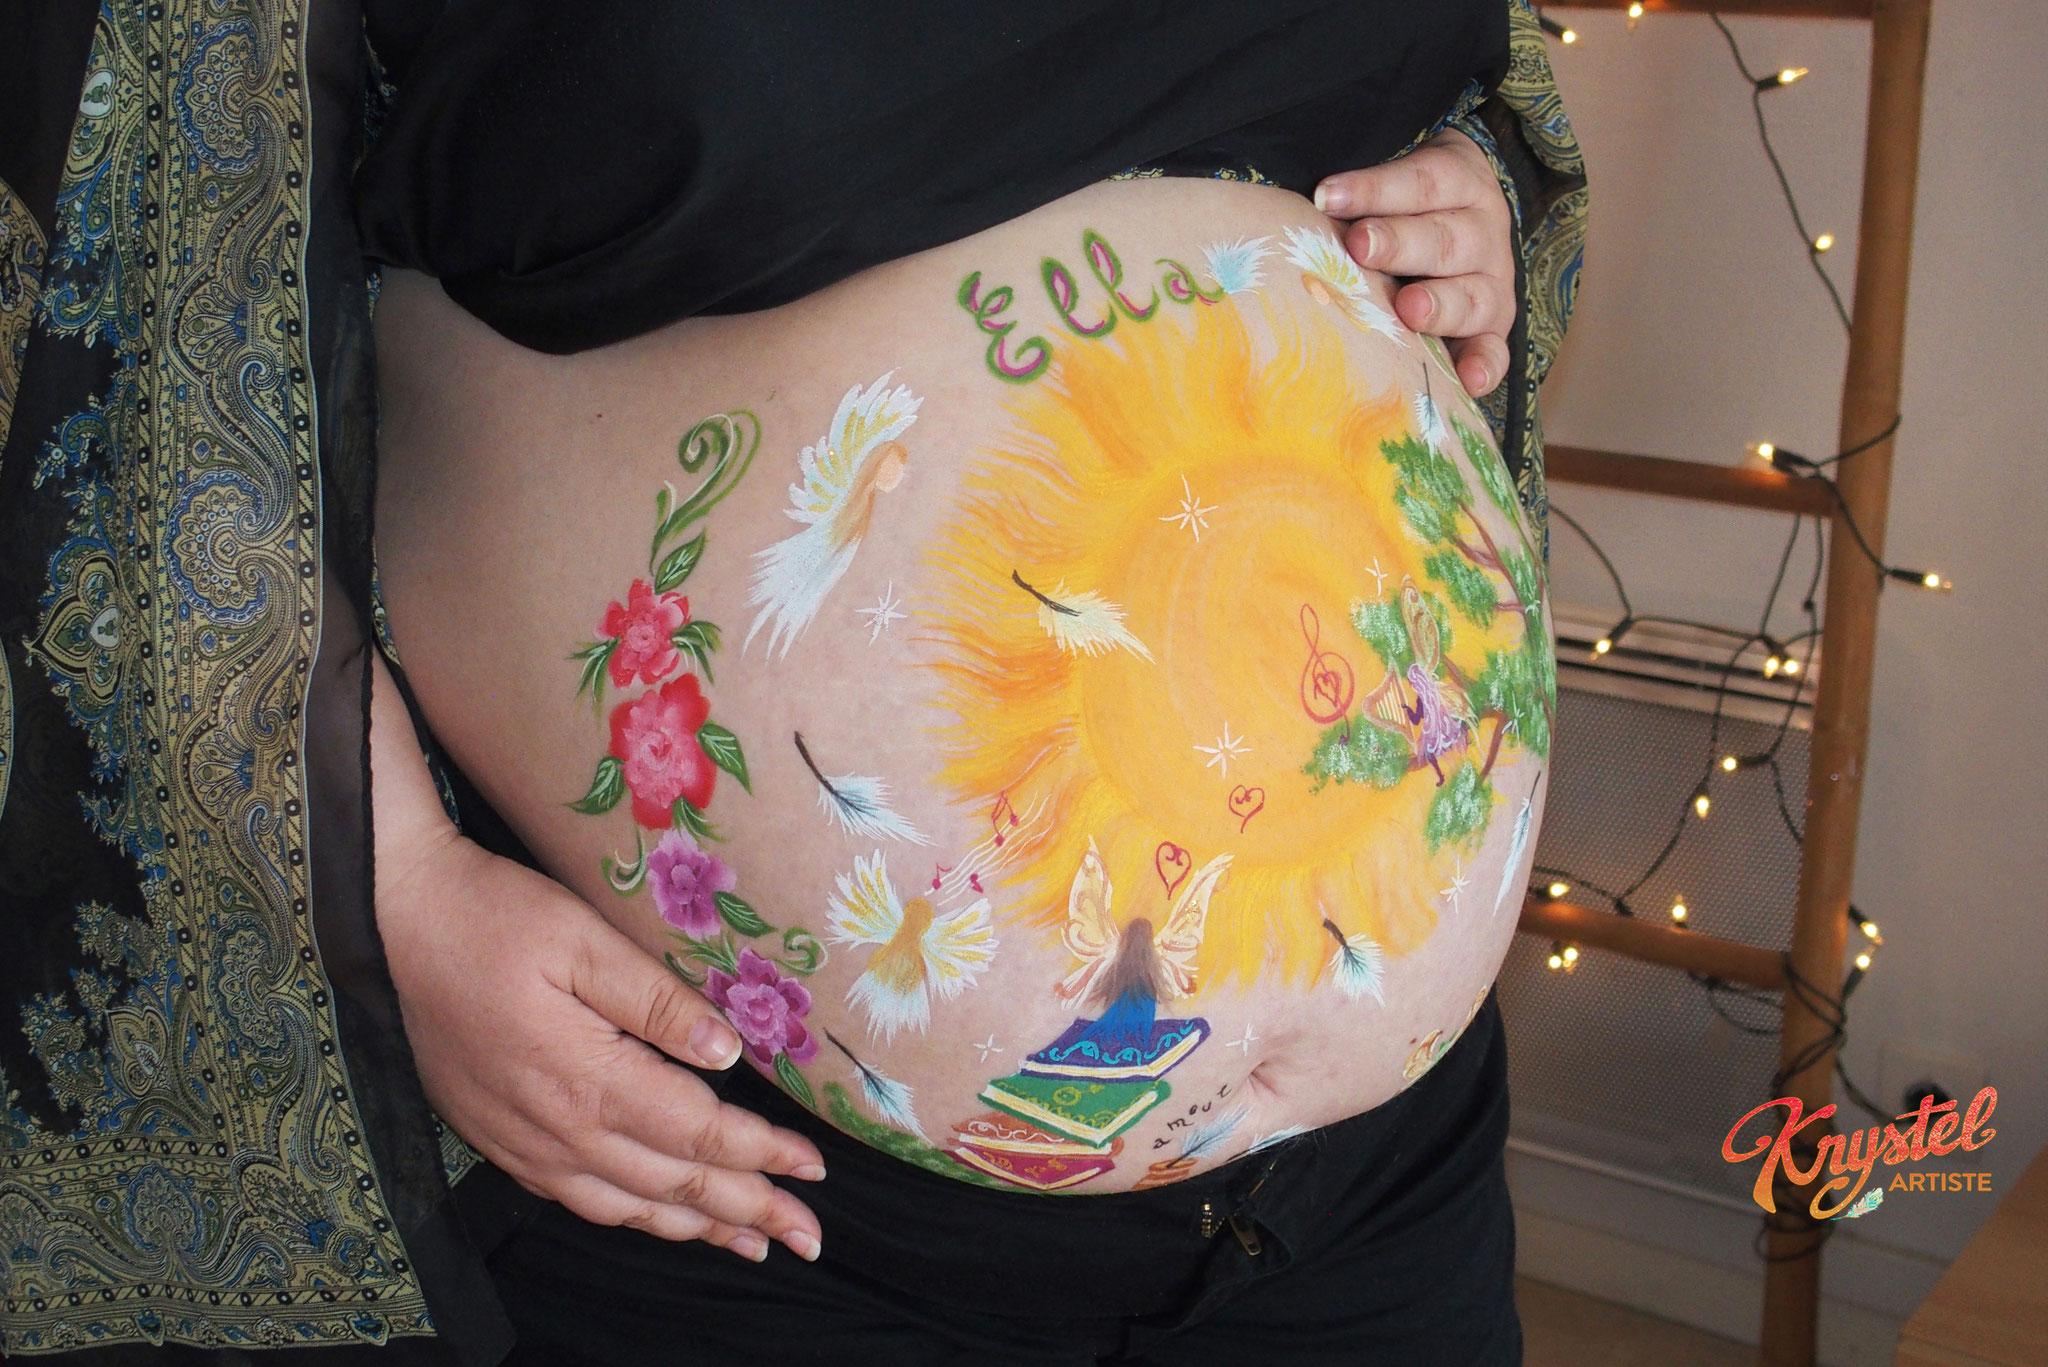 séance naitre à toi, grossesse